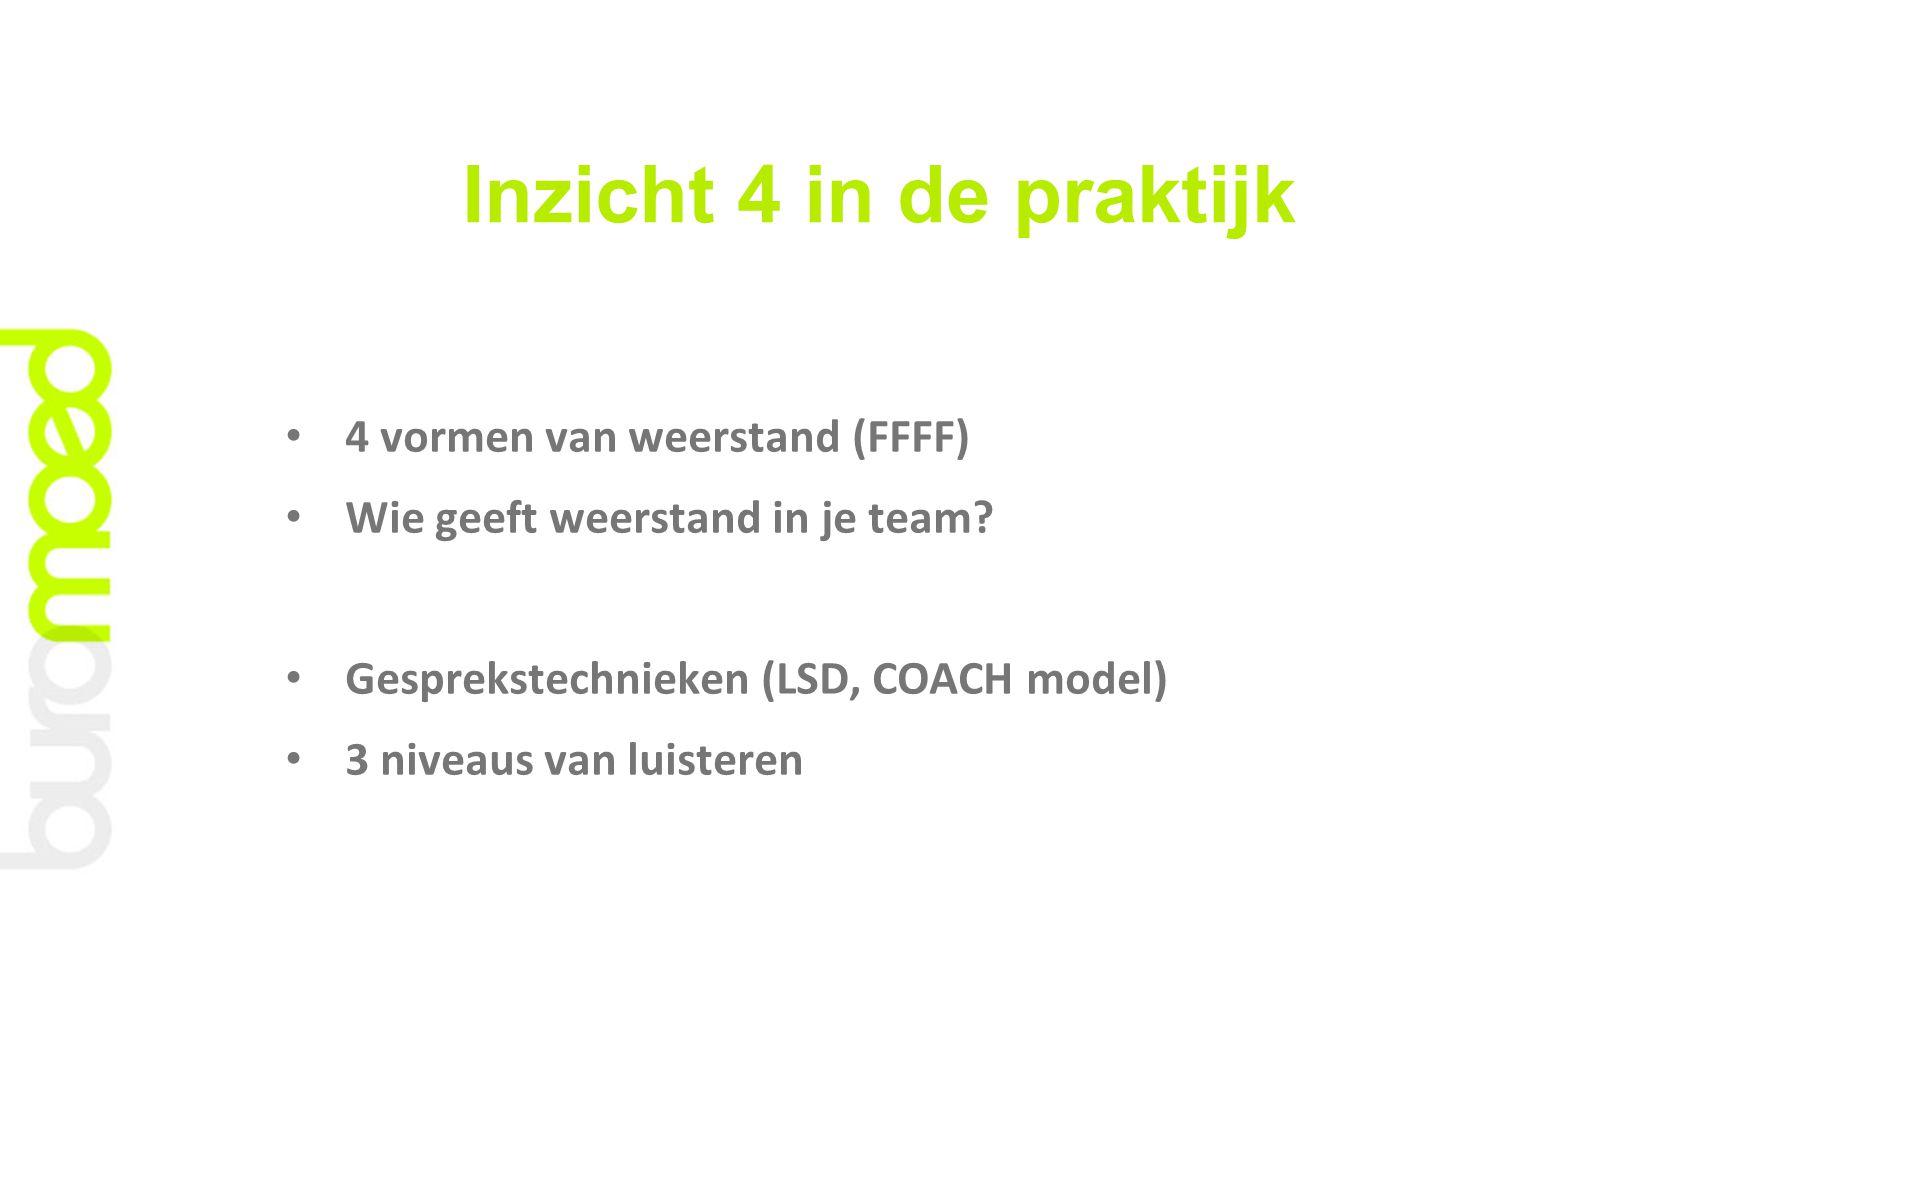 Inzicht 4 in de praktijk 4 vormen van weerstand (FFFF) Wie geeft weerstand in je team? Gesprekstechnieken (LSD, COACH model) 3 niveaus van luisteren